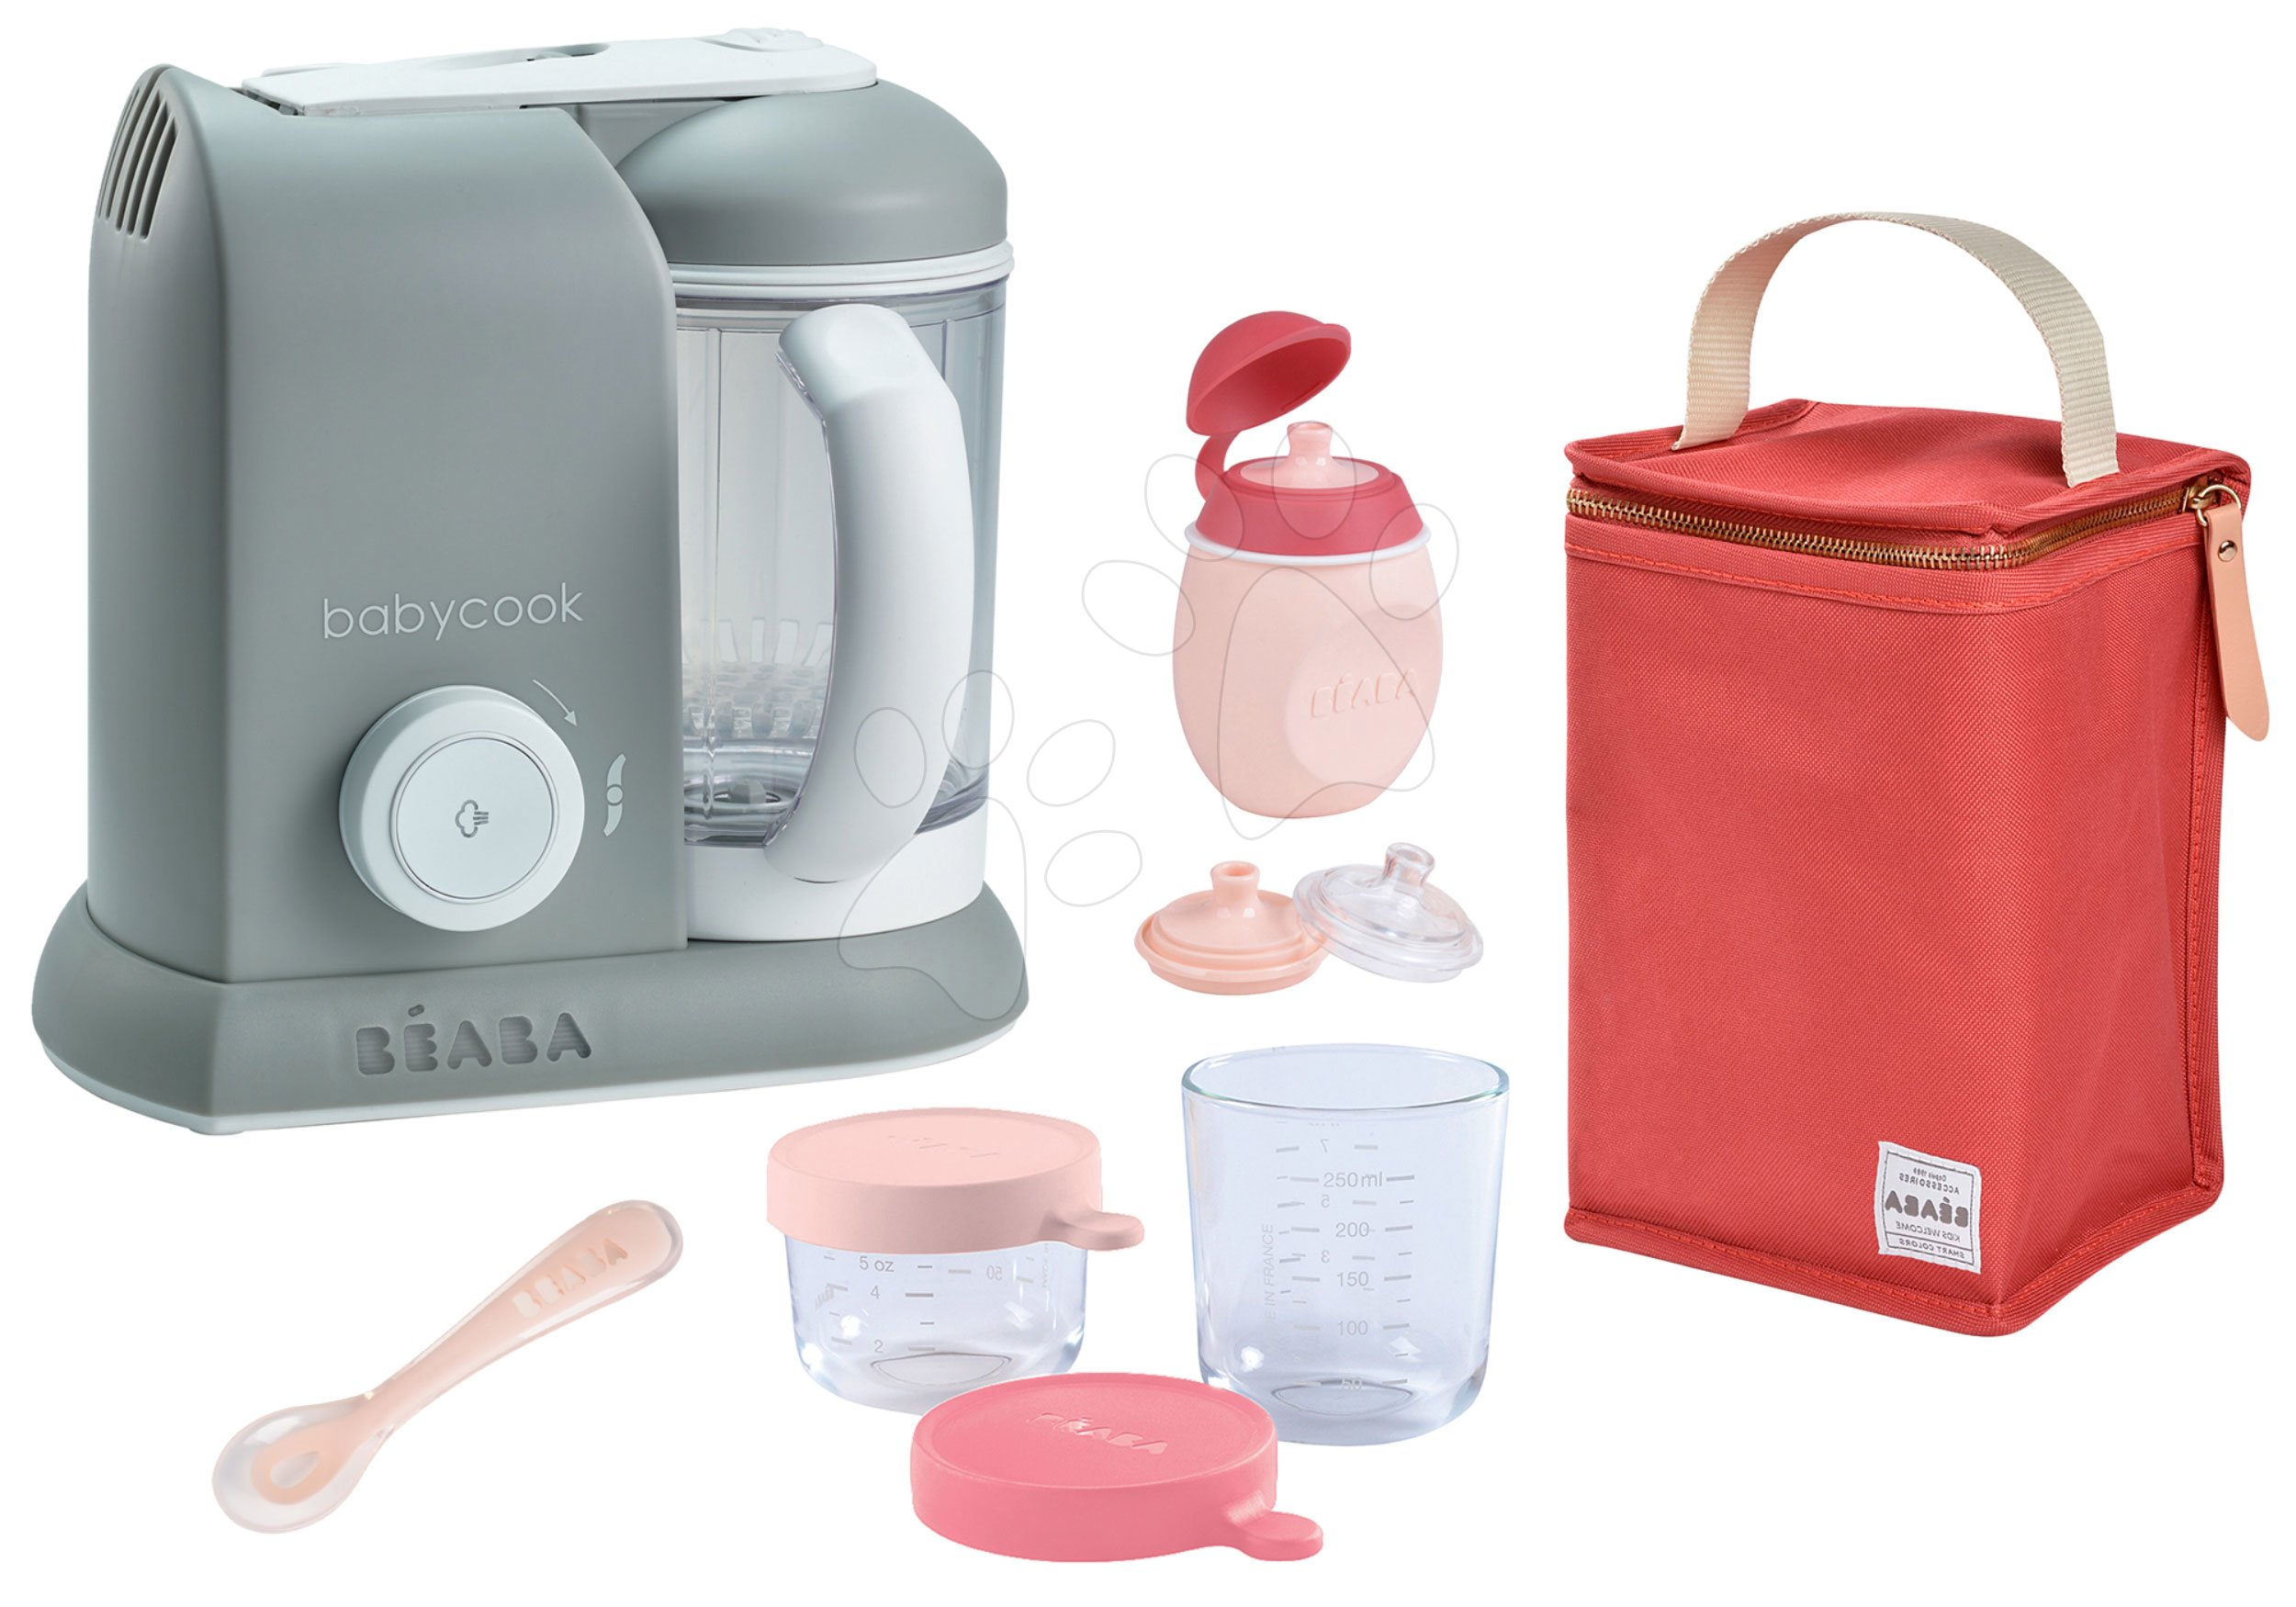 Set aparat de gătit cu aburi si mixer Beaba Babycook® Solo gri + cadou 2 recipiente pentru stocarea mâncării, sticlă cu capac şi linguriţă şi suport thermo